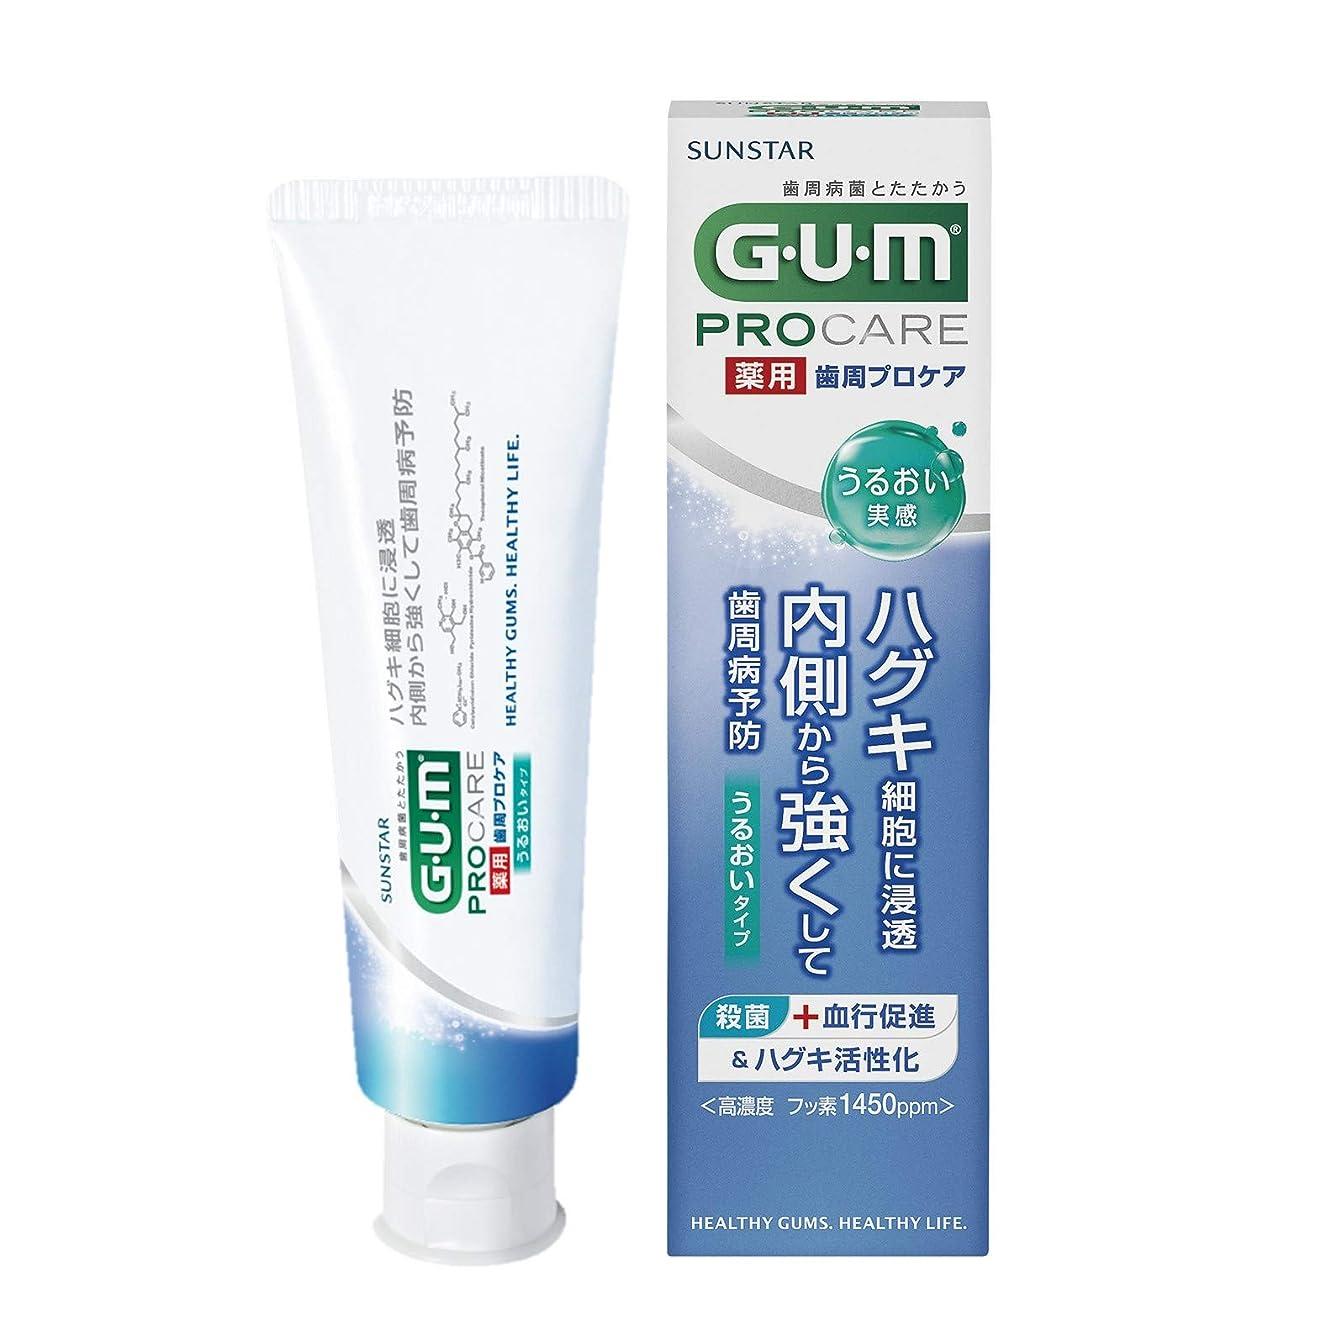 カウントアップ前部機関車[医薬部外品] GUM(ガム) 歯周プロケア 歯みがき 85g <歯周病予防 ハグキケア 高濃度フッ素配合 1,450ppm うるおい実感タイプ>